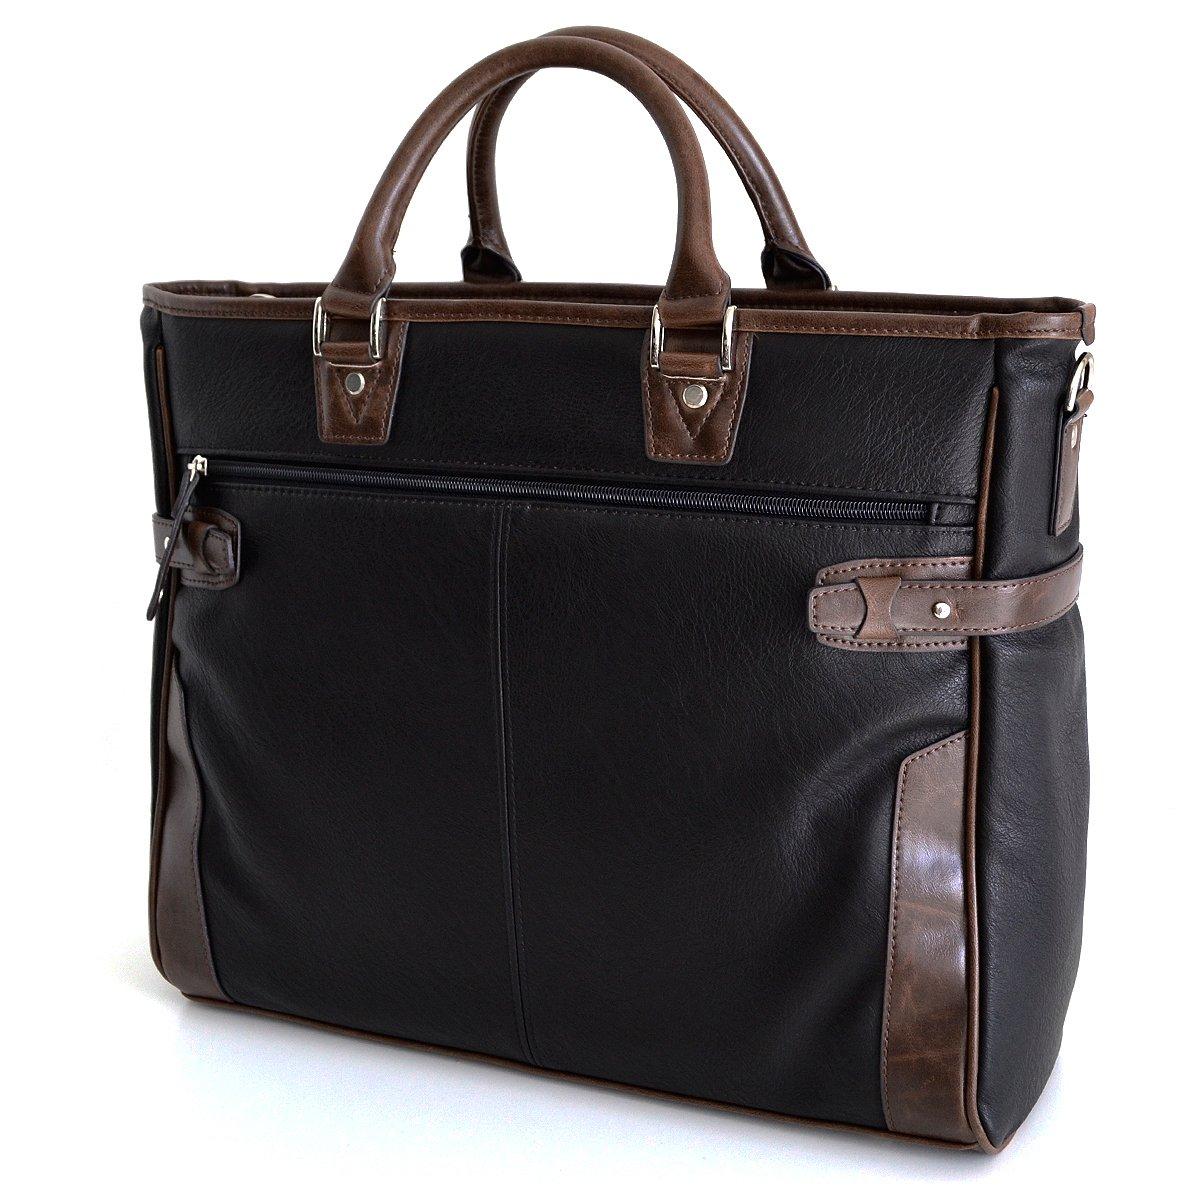 AVECALDO(アベカルド) 紳士用 ビジネスバッグ メンズ B4 AV-E027 B014ORBWKG ブラック ブラック